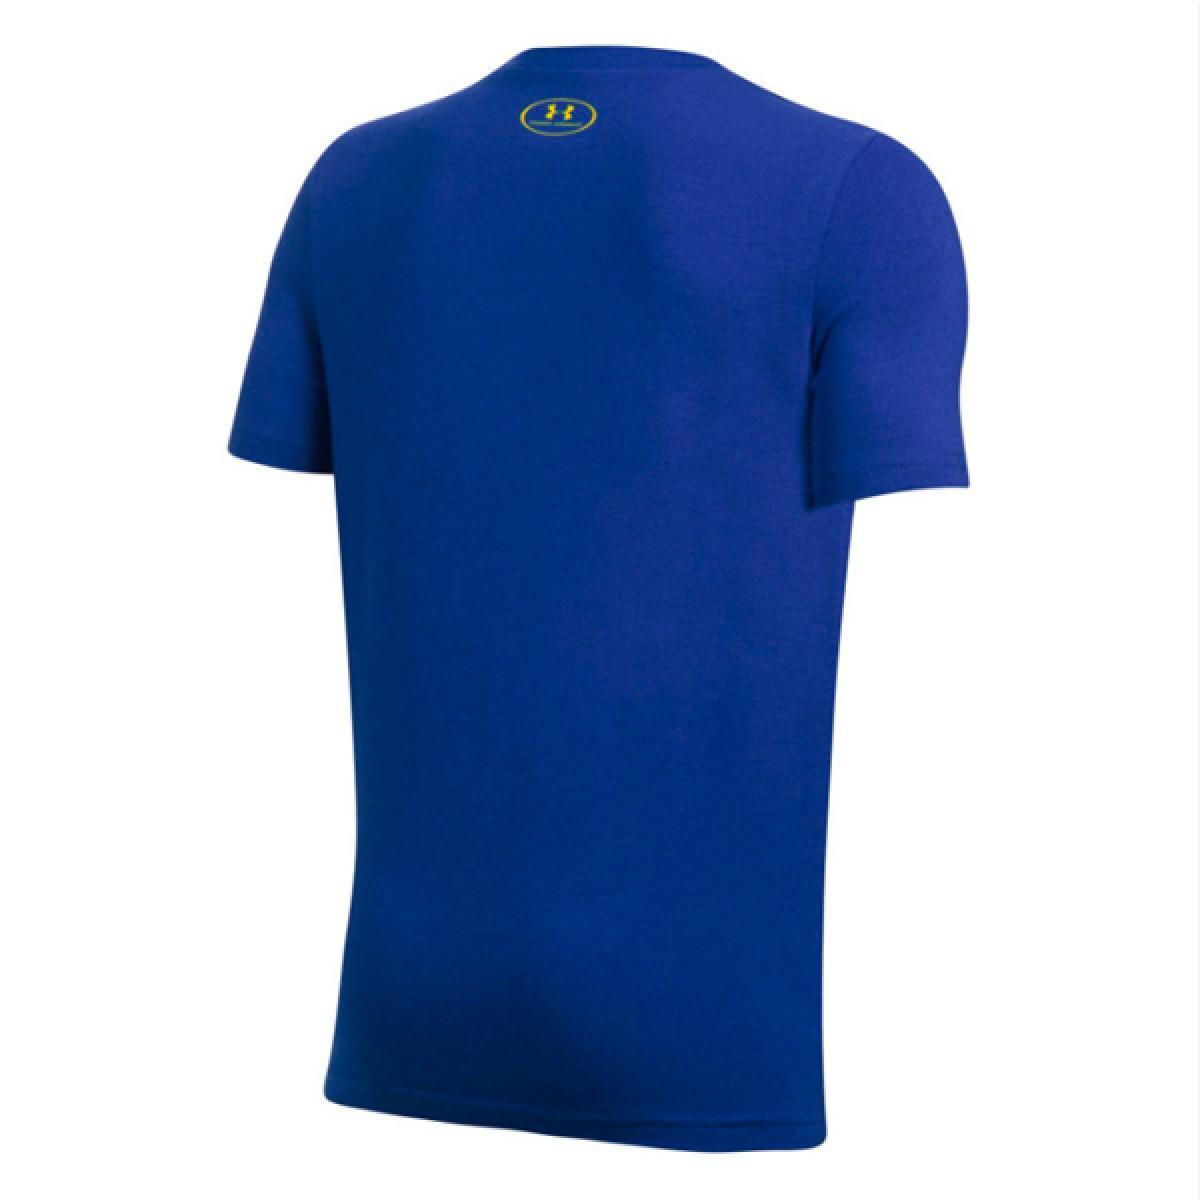 Under Armour SC30 Logo Shirt 'GSW' 1298278-400